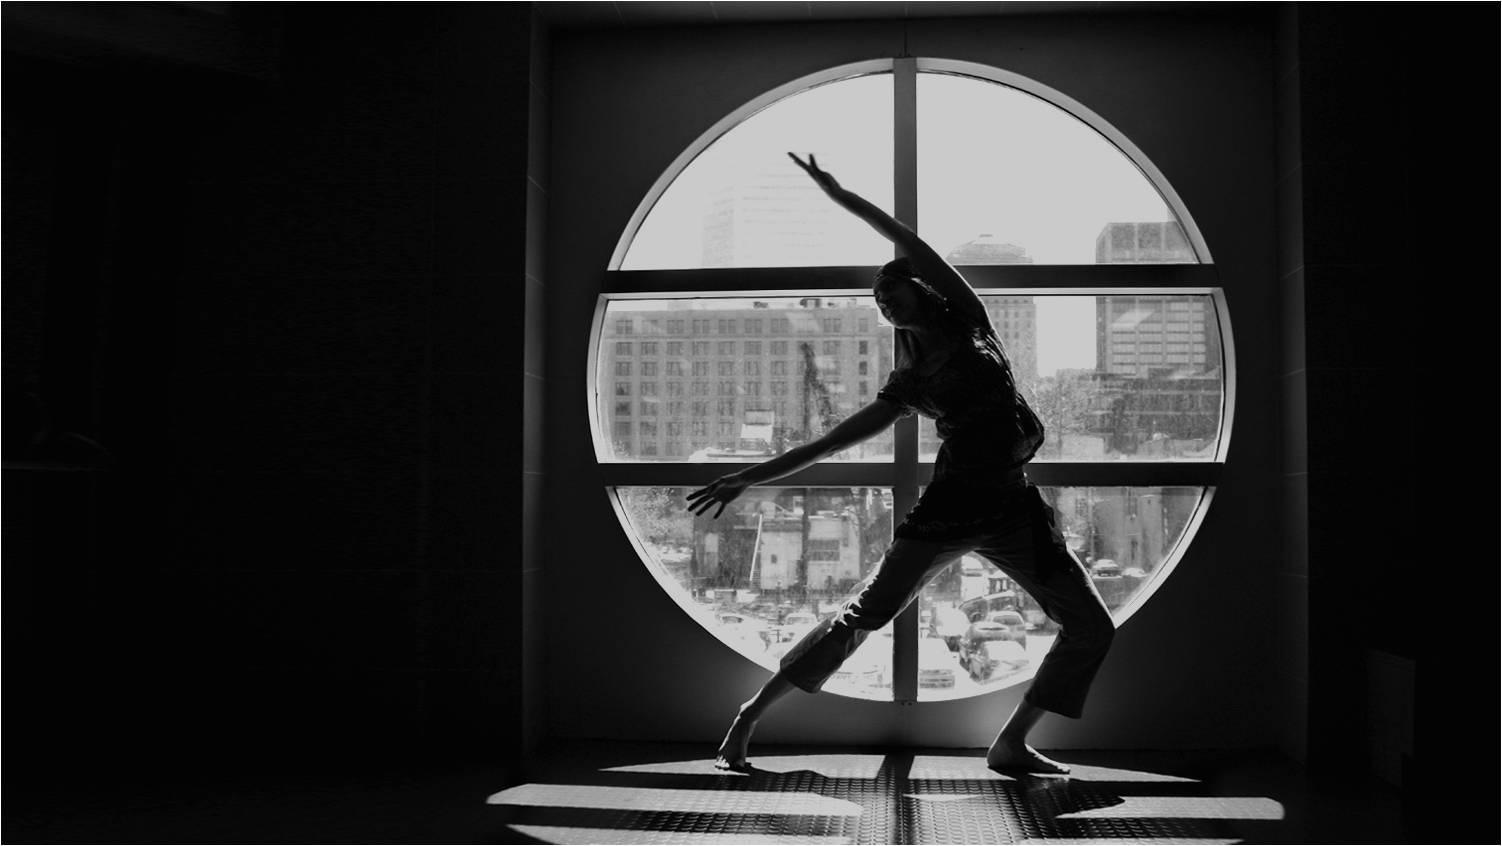 Zen: Ý nghĩa của sự cân bằng và hài hòa tuyệt đối – Hình ảnh: nguồn Internet